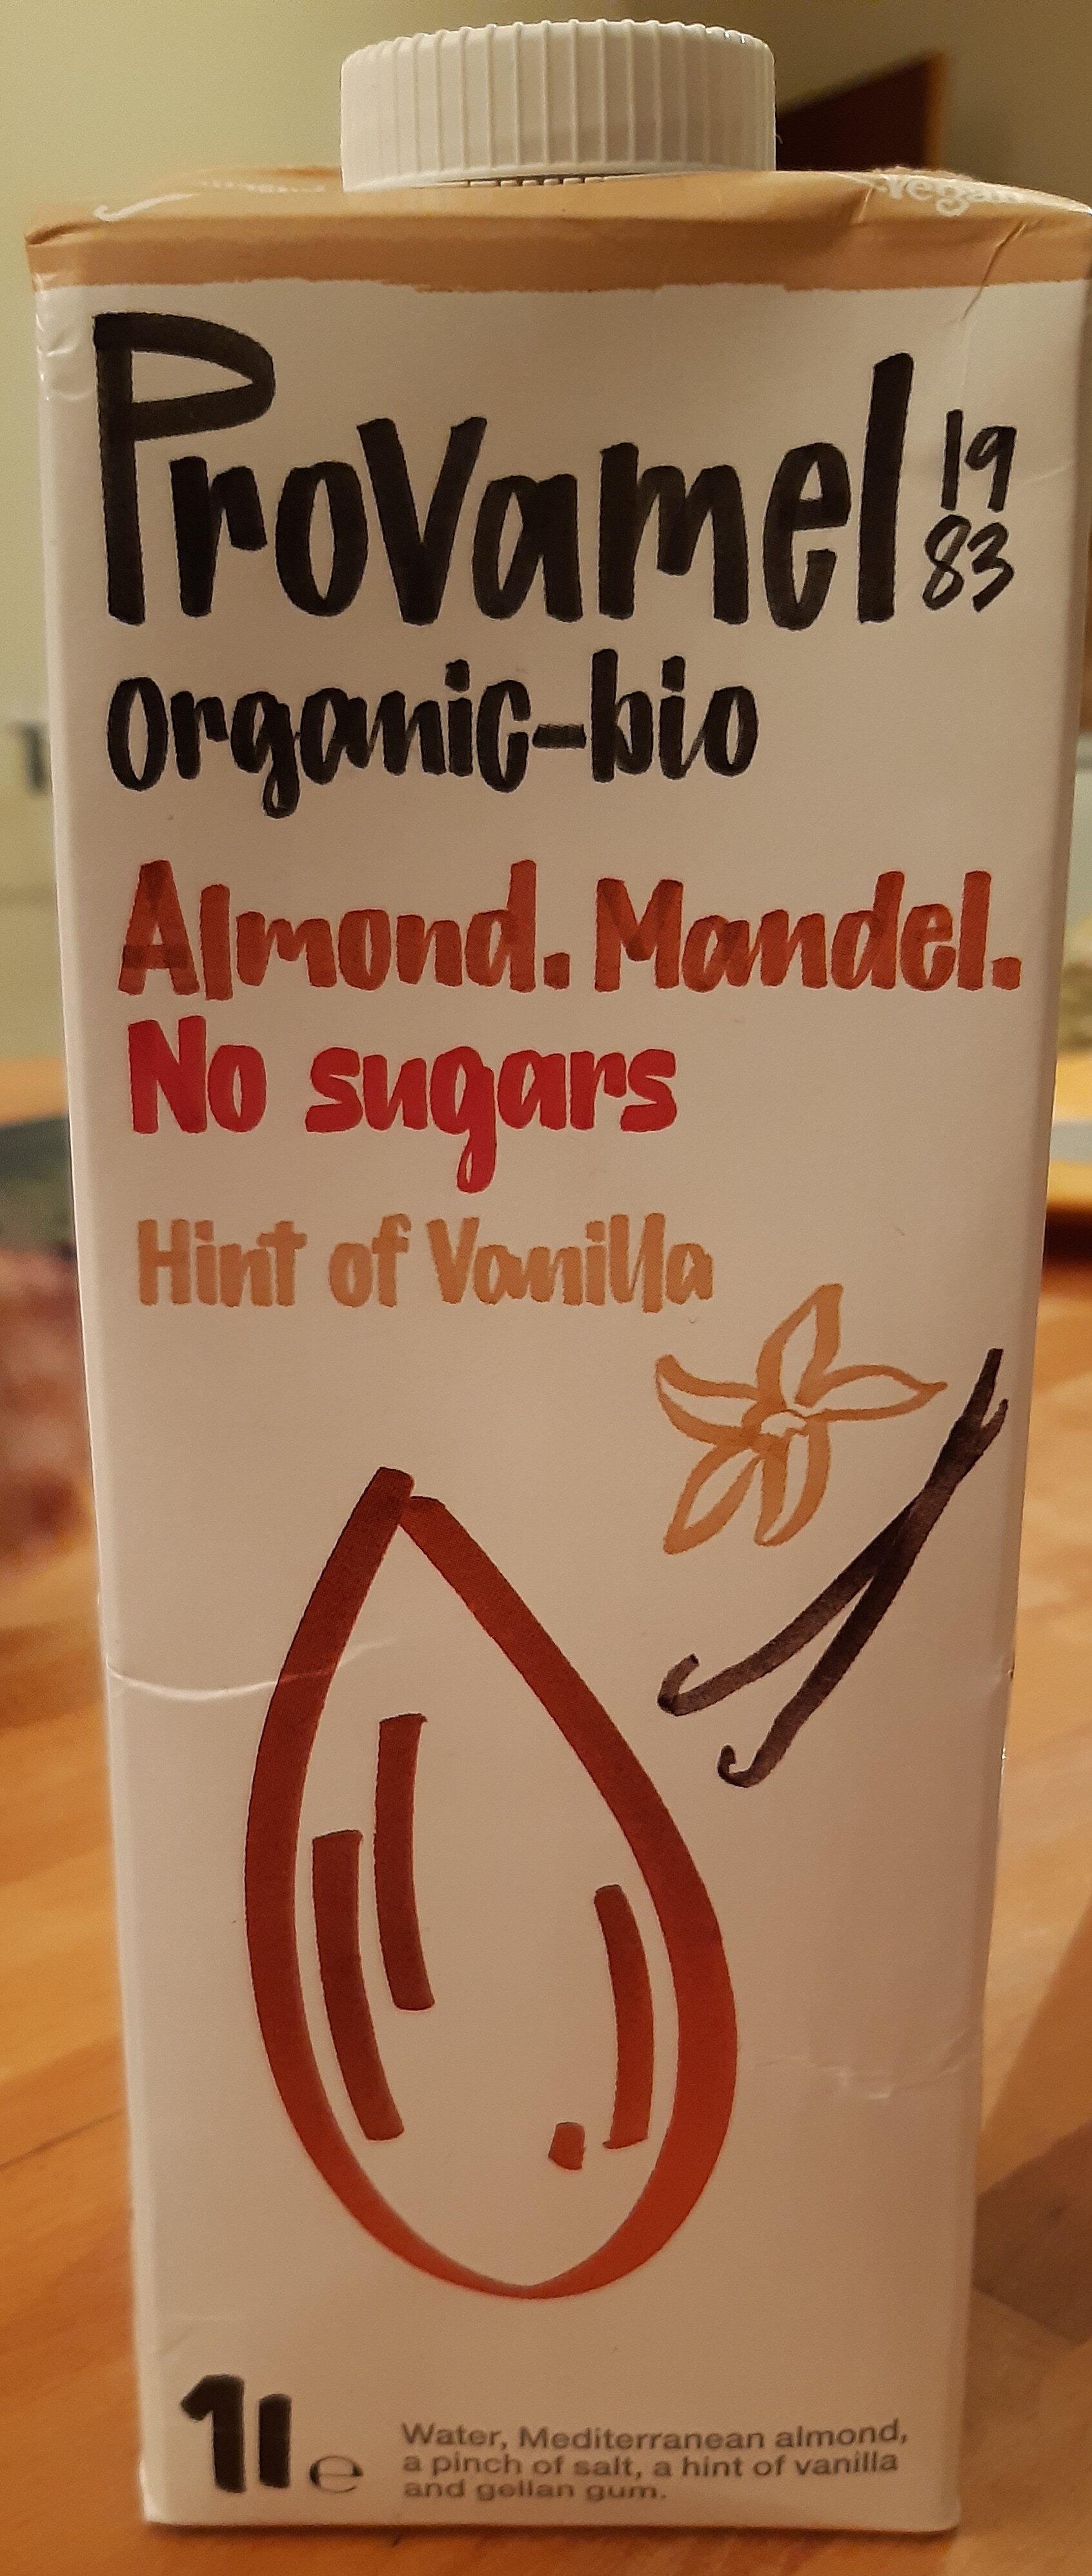 Provamel Almond - Product - fr